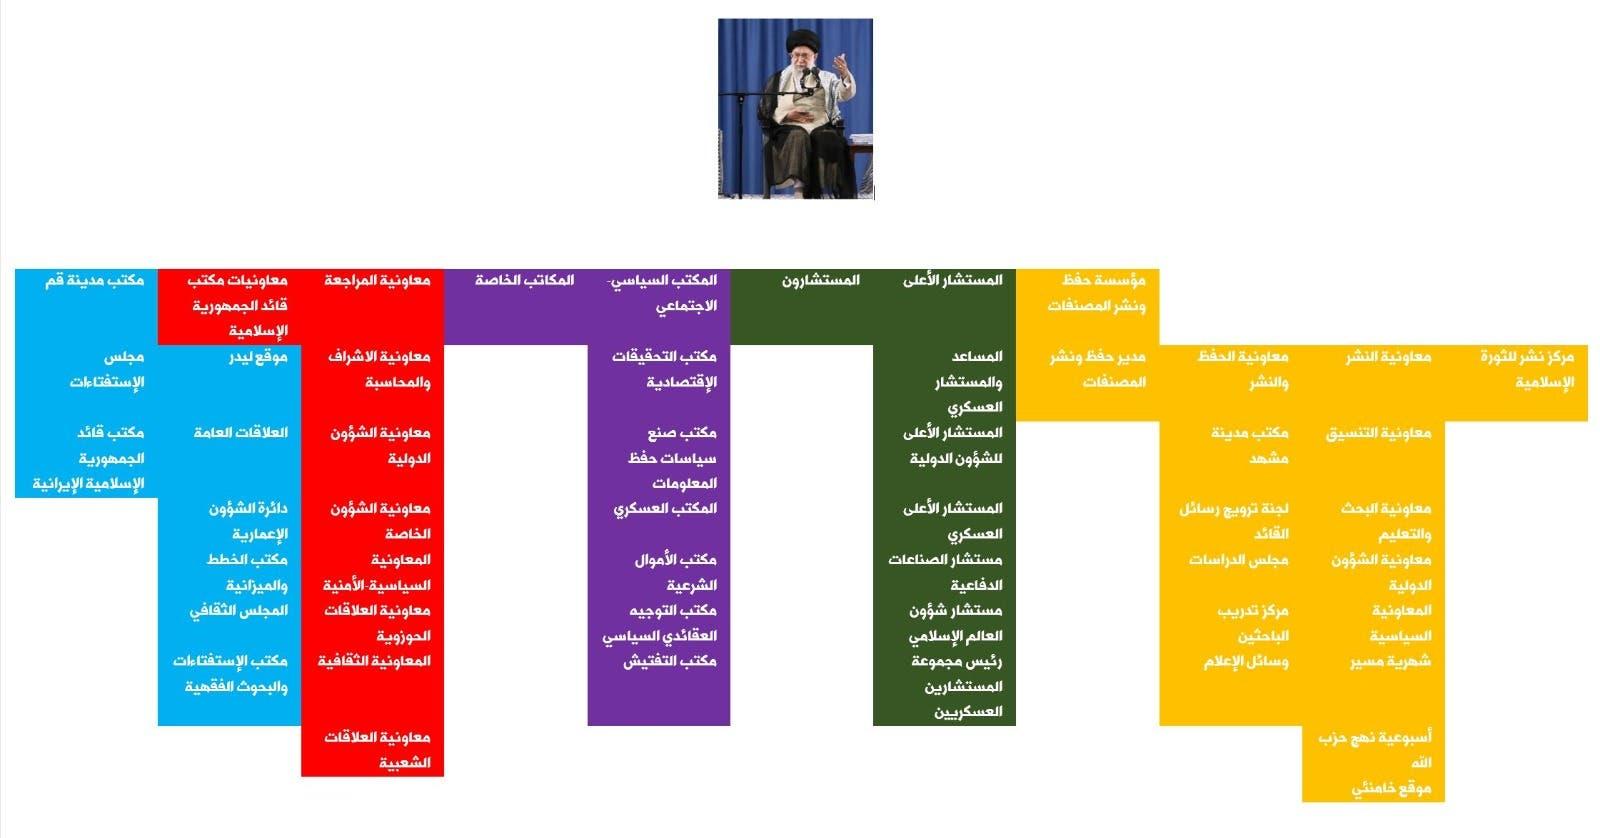 المؤسسات الخاضعة للمرشد الإيراني والتي تشكل الدولة العميقة في إيران